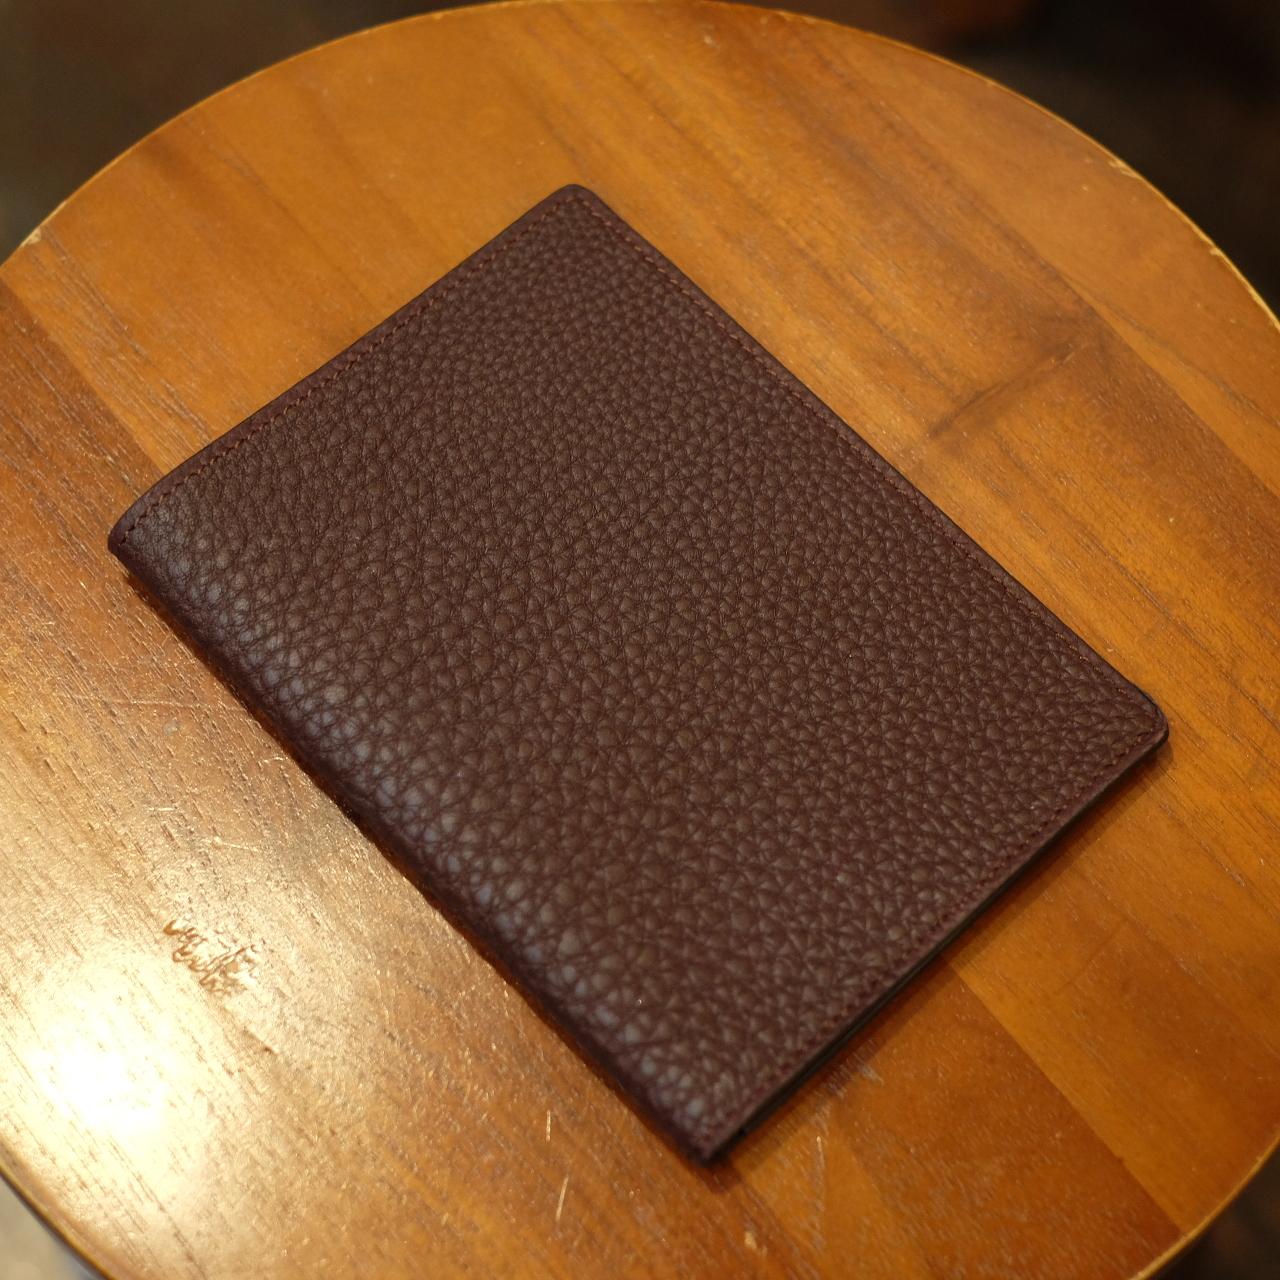 ル・ボナー パスポートケース ソフトスノーカーフ バーガンディー(デッドストック品)